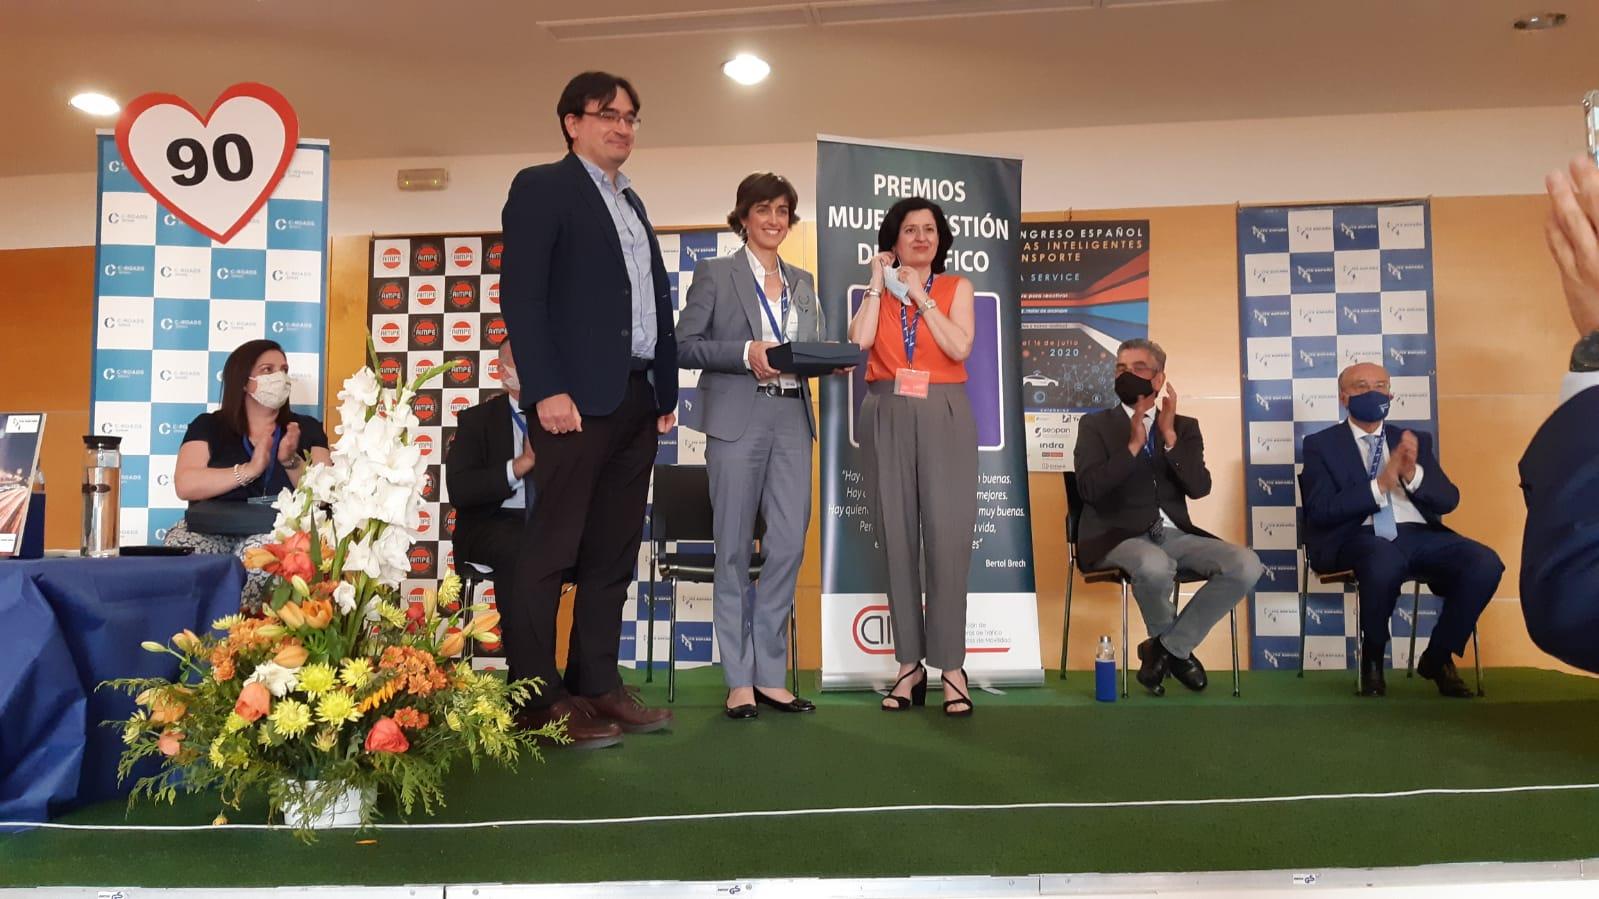 Premios XX Congreso Español ITS